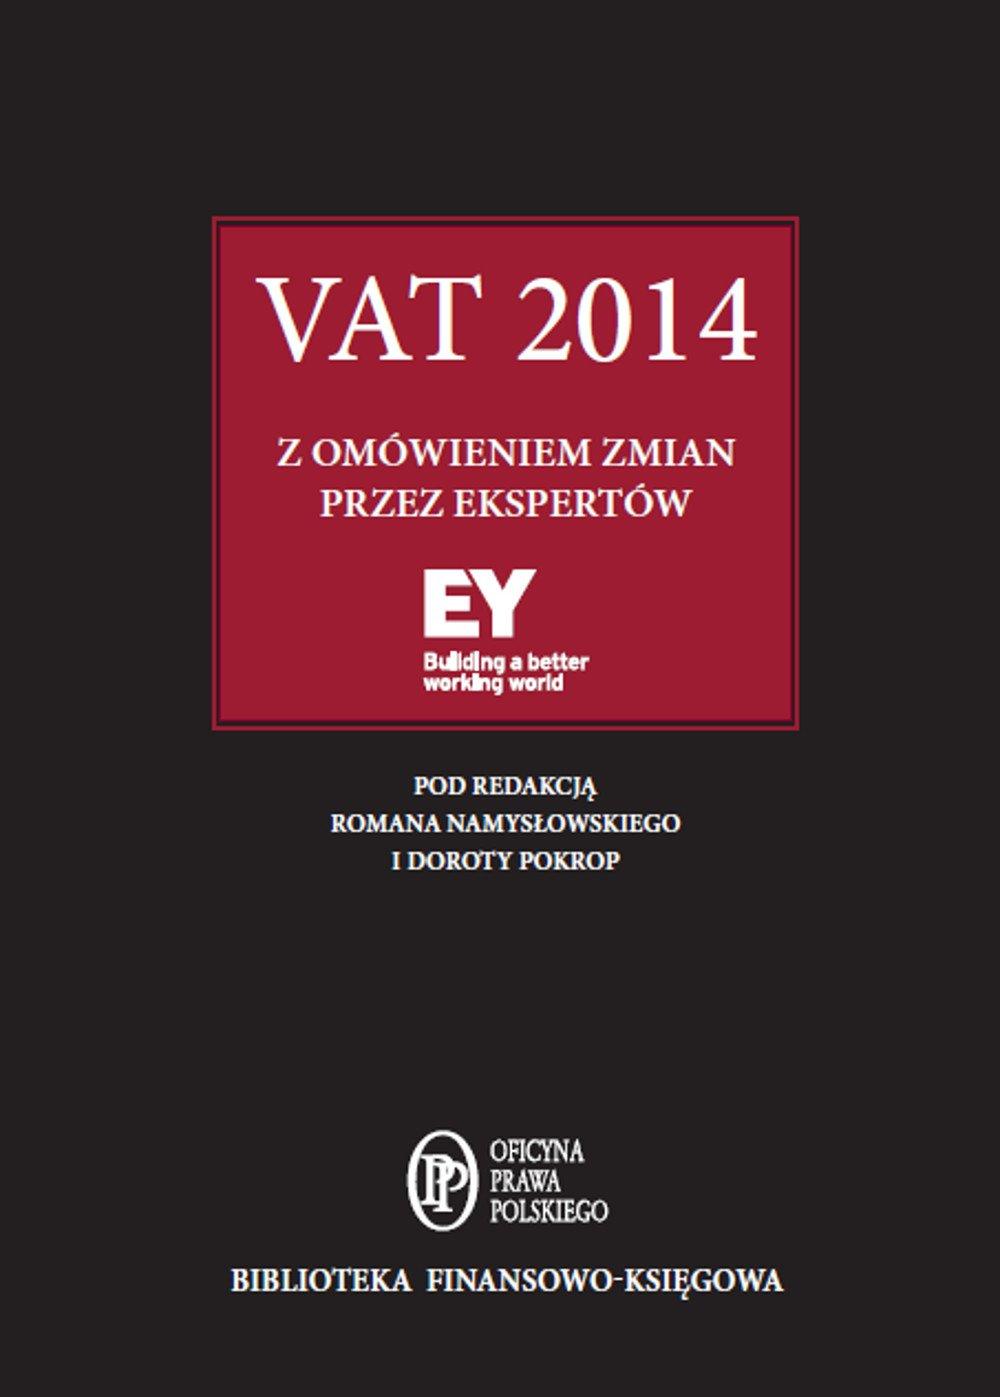 VAT 2014 z omówieniem ekspertów EY - Ebook (Książka EPUB) do pobrania w formacie EPUB